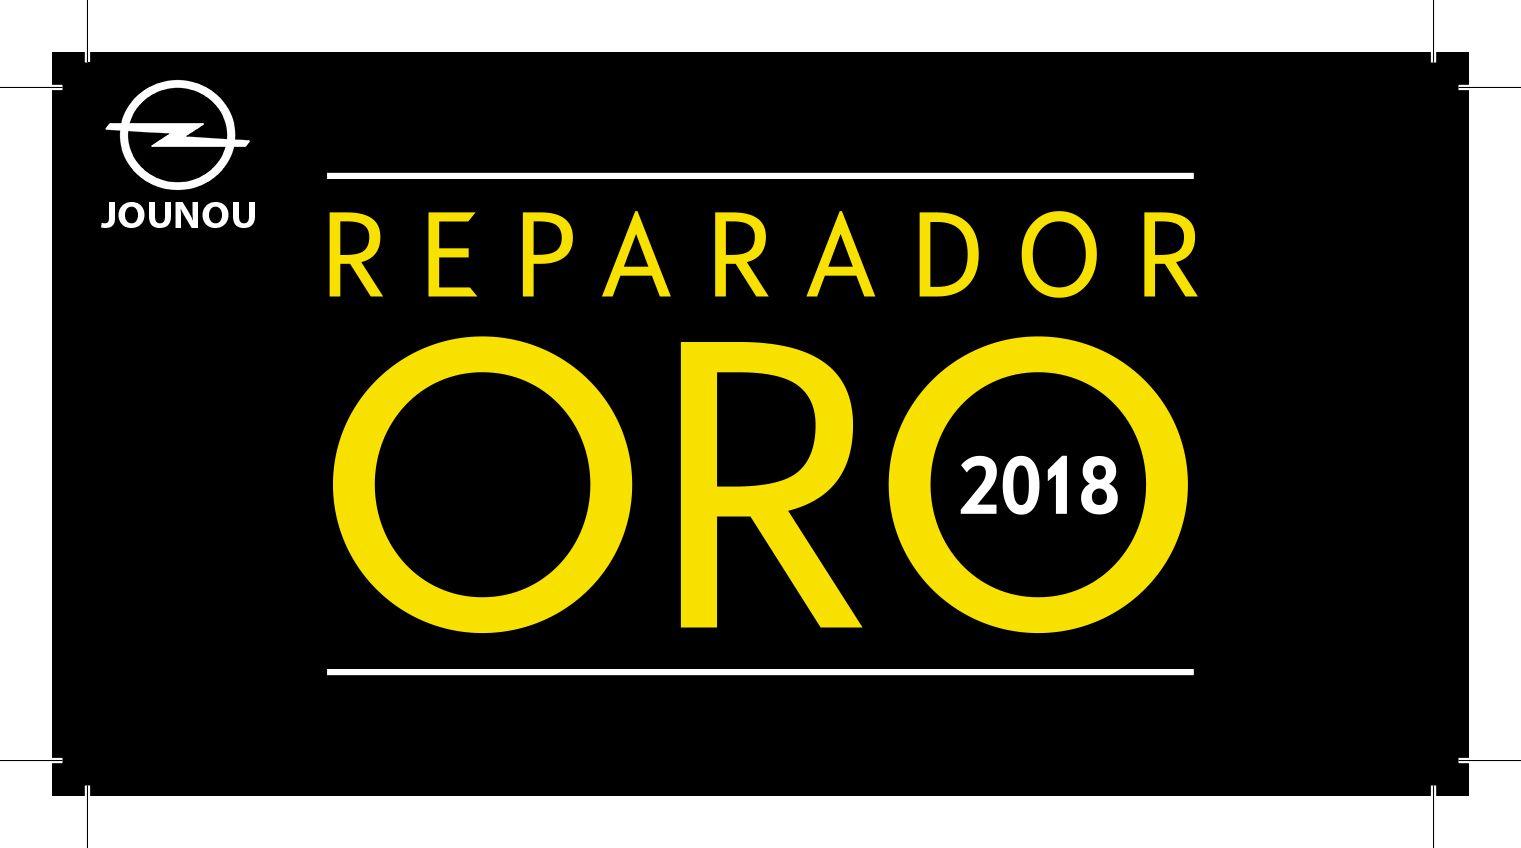 OPLE JOUNOU: REPARADOR ORO 2018